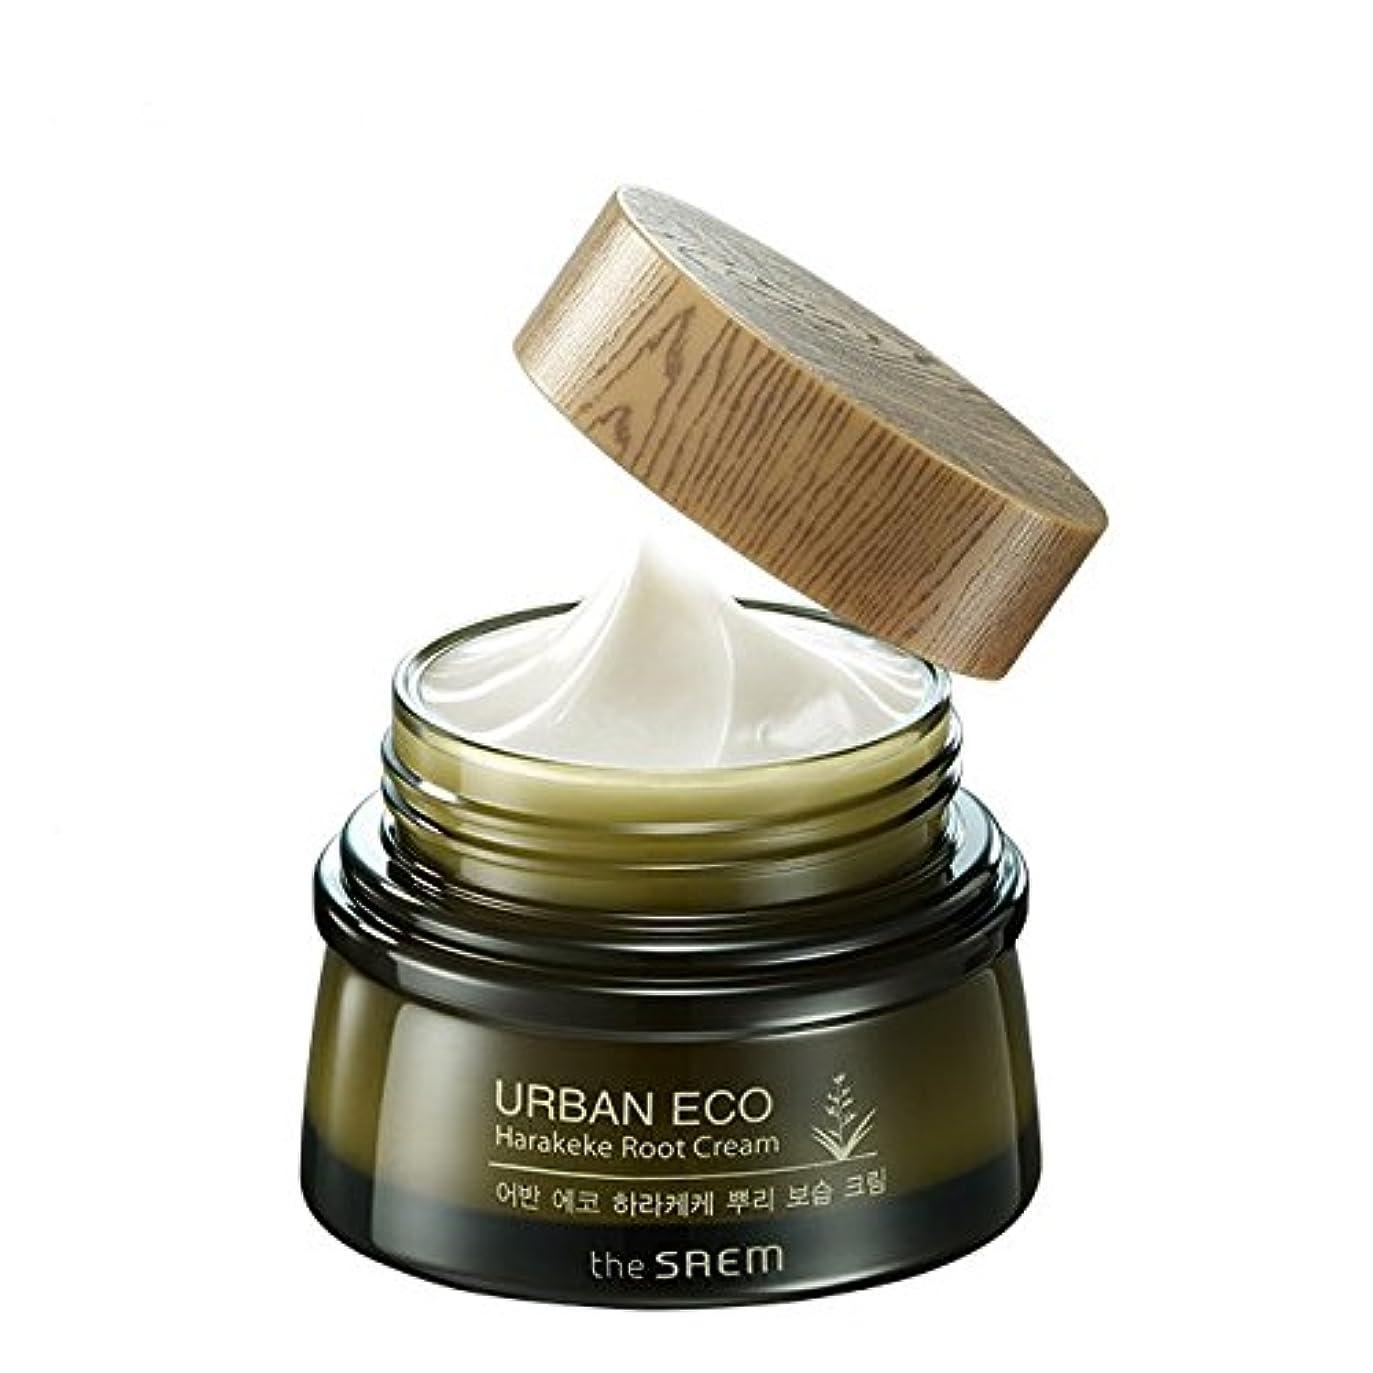 前文検索エンジンマーケティングネスト[ザセム] The Saem [アーバンエコ ハラケケ 根保湿クリーム60ml (The Saem Urban Eco Harakeke Root Cream60ml)